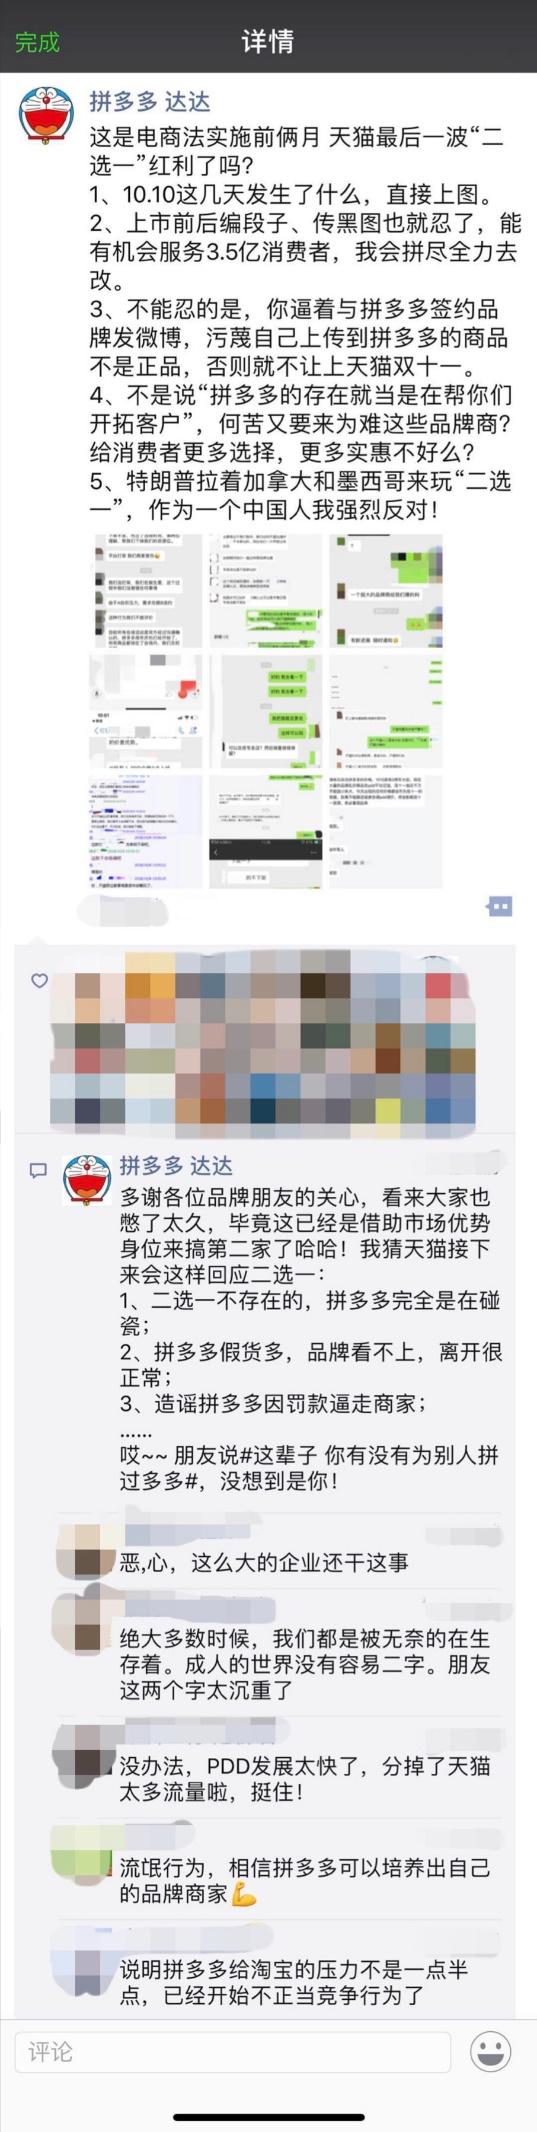 """入驻拼多多参加3年庆 品牌商家遭遇""""二选一"""""""